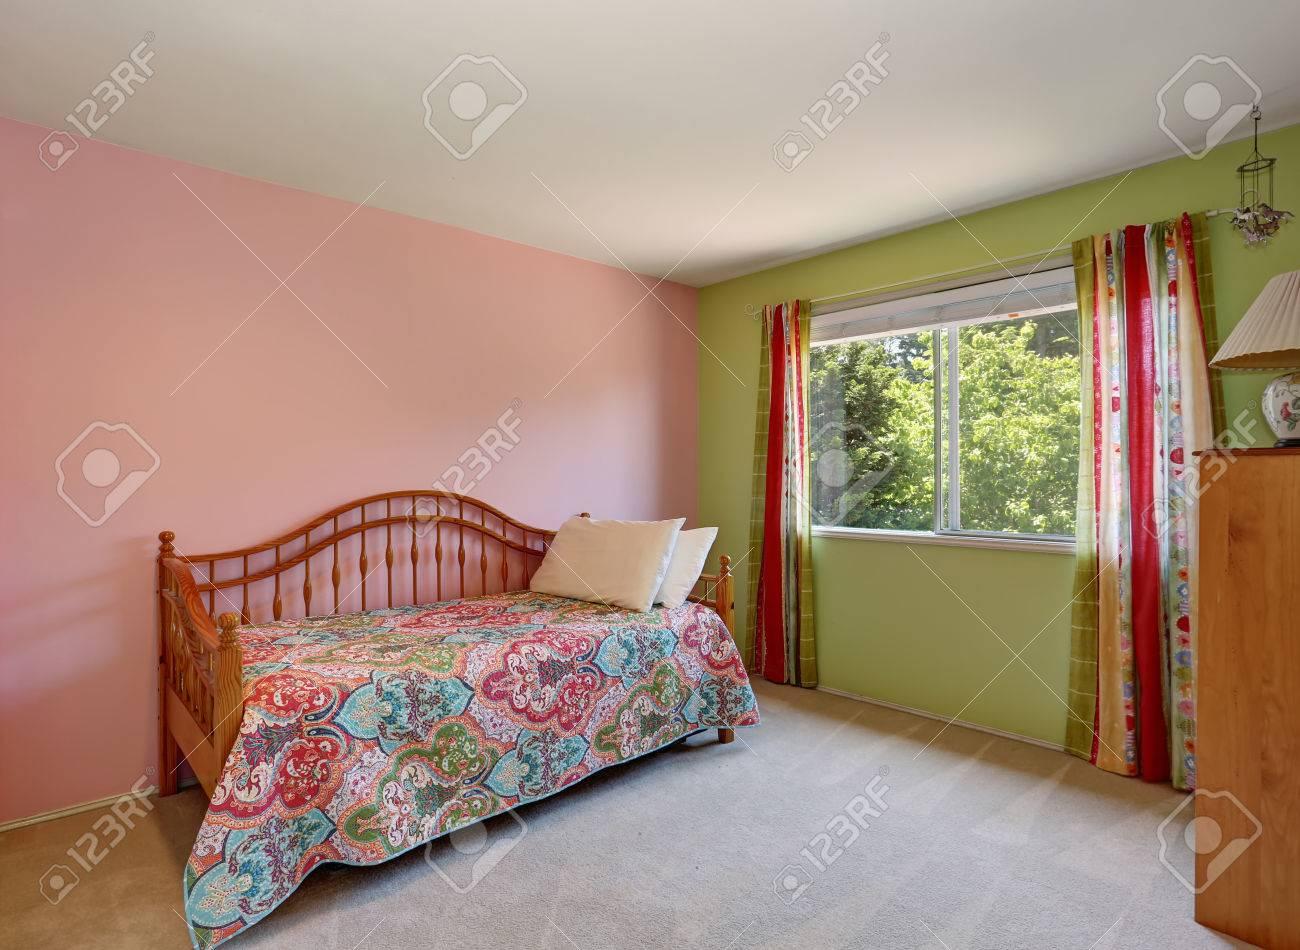 Inter Chambre Adulte Rose Moderne. Aussi Mur Vert Et Rideaux Colorés ...